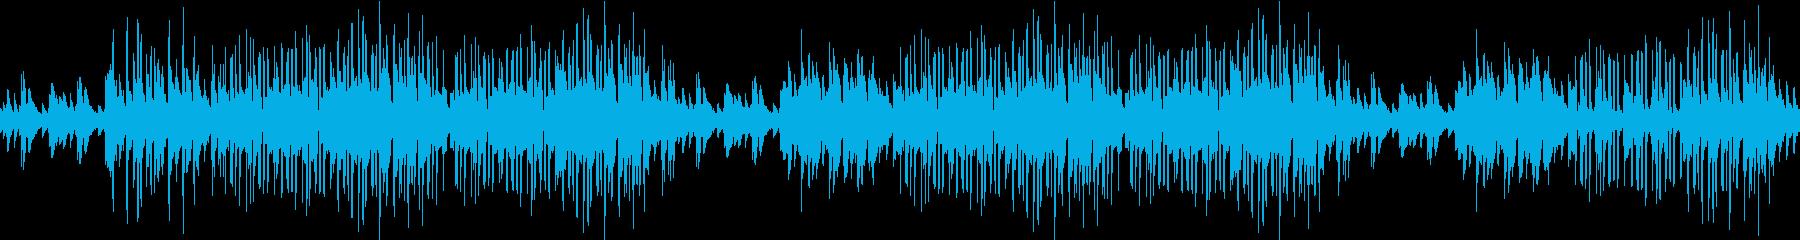 ピアノ・お洒落・カフェ・レトロ・ループの再生済みの波形